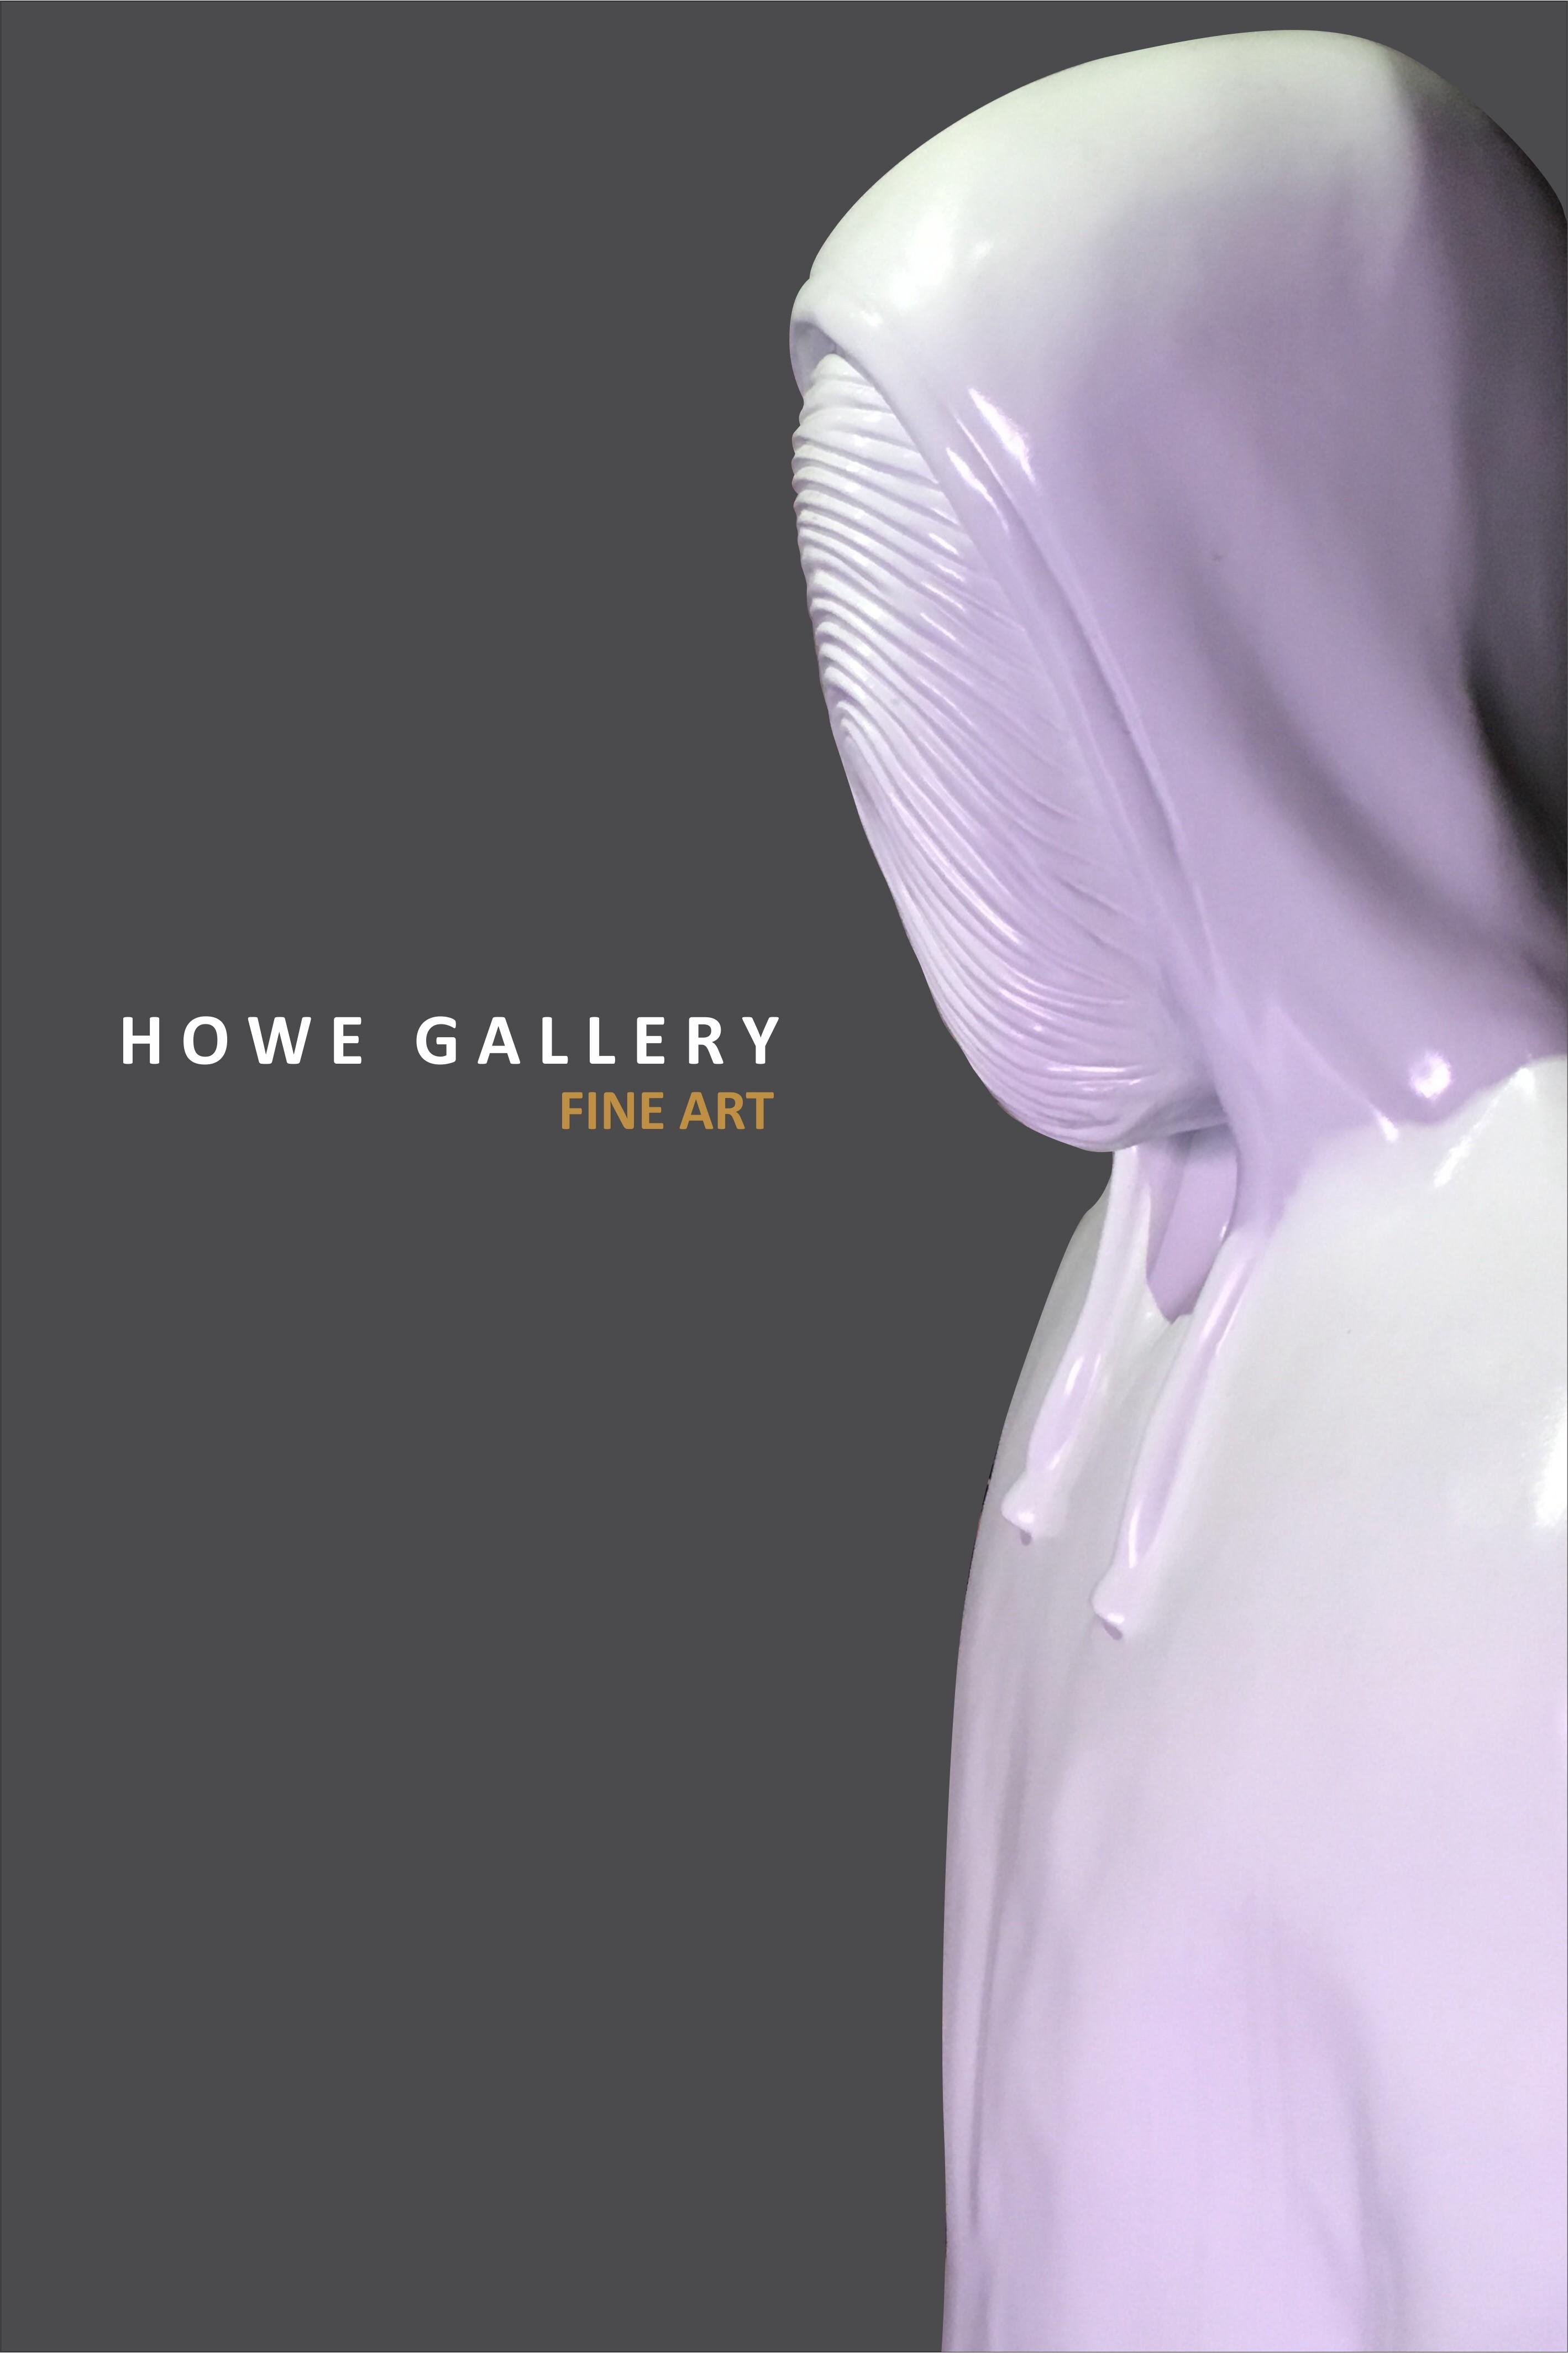 Howe Gallery